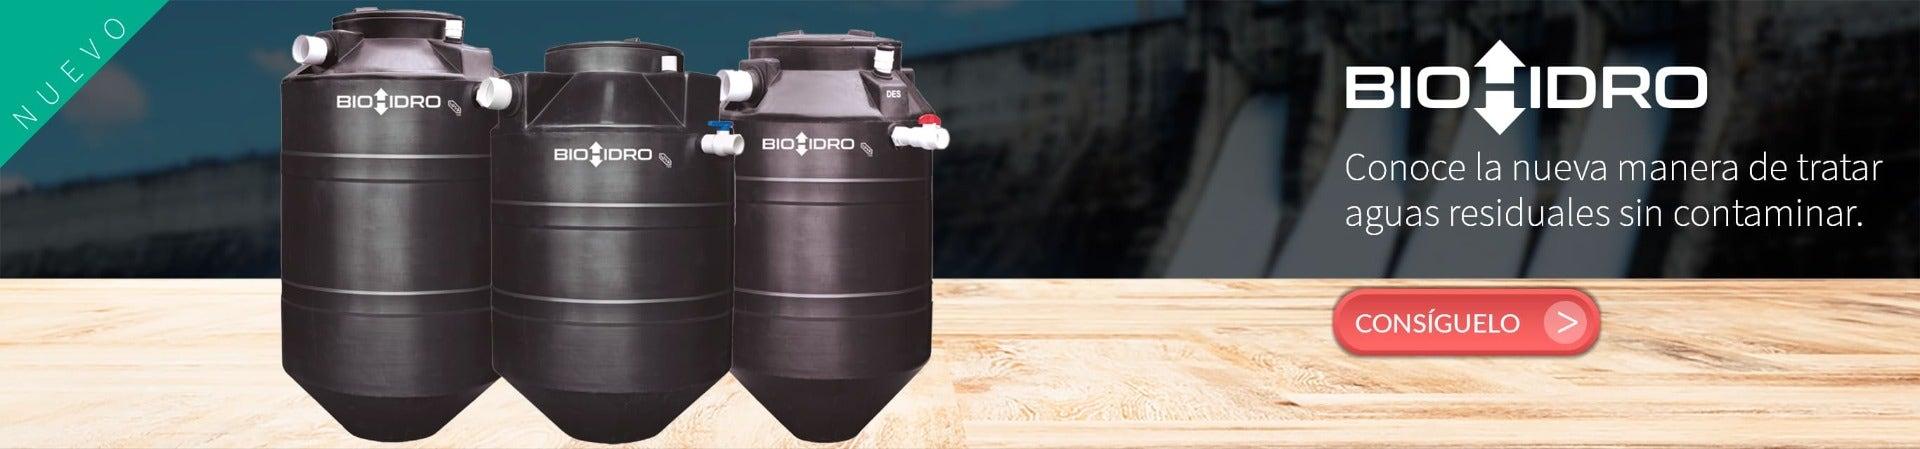 Biohidro